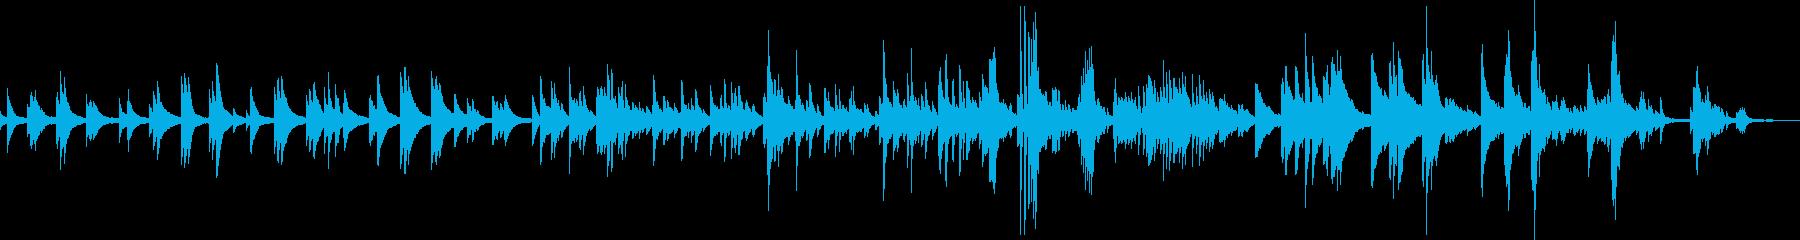 大切な人の死(ピアノ・悲しい・感動)の再生済みの波形